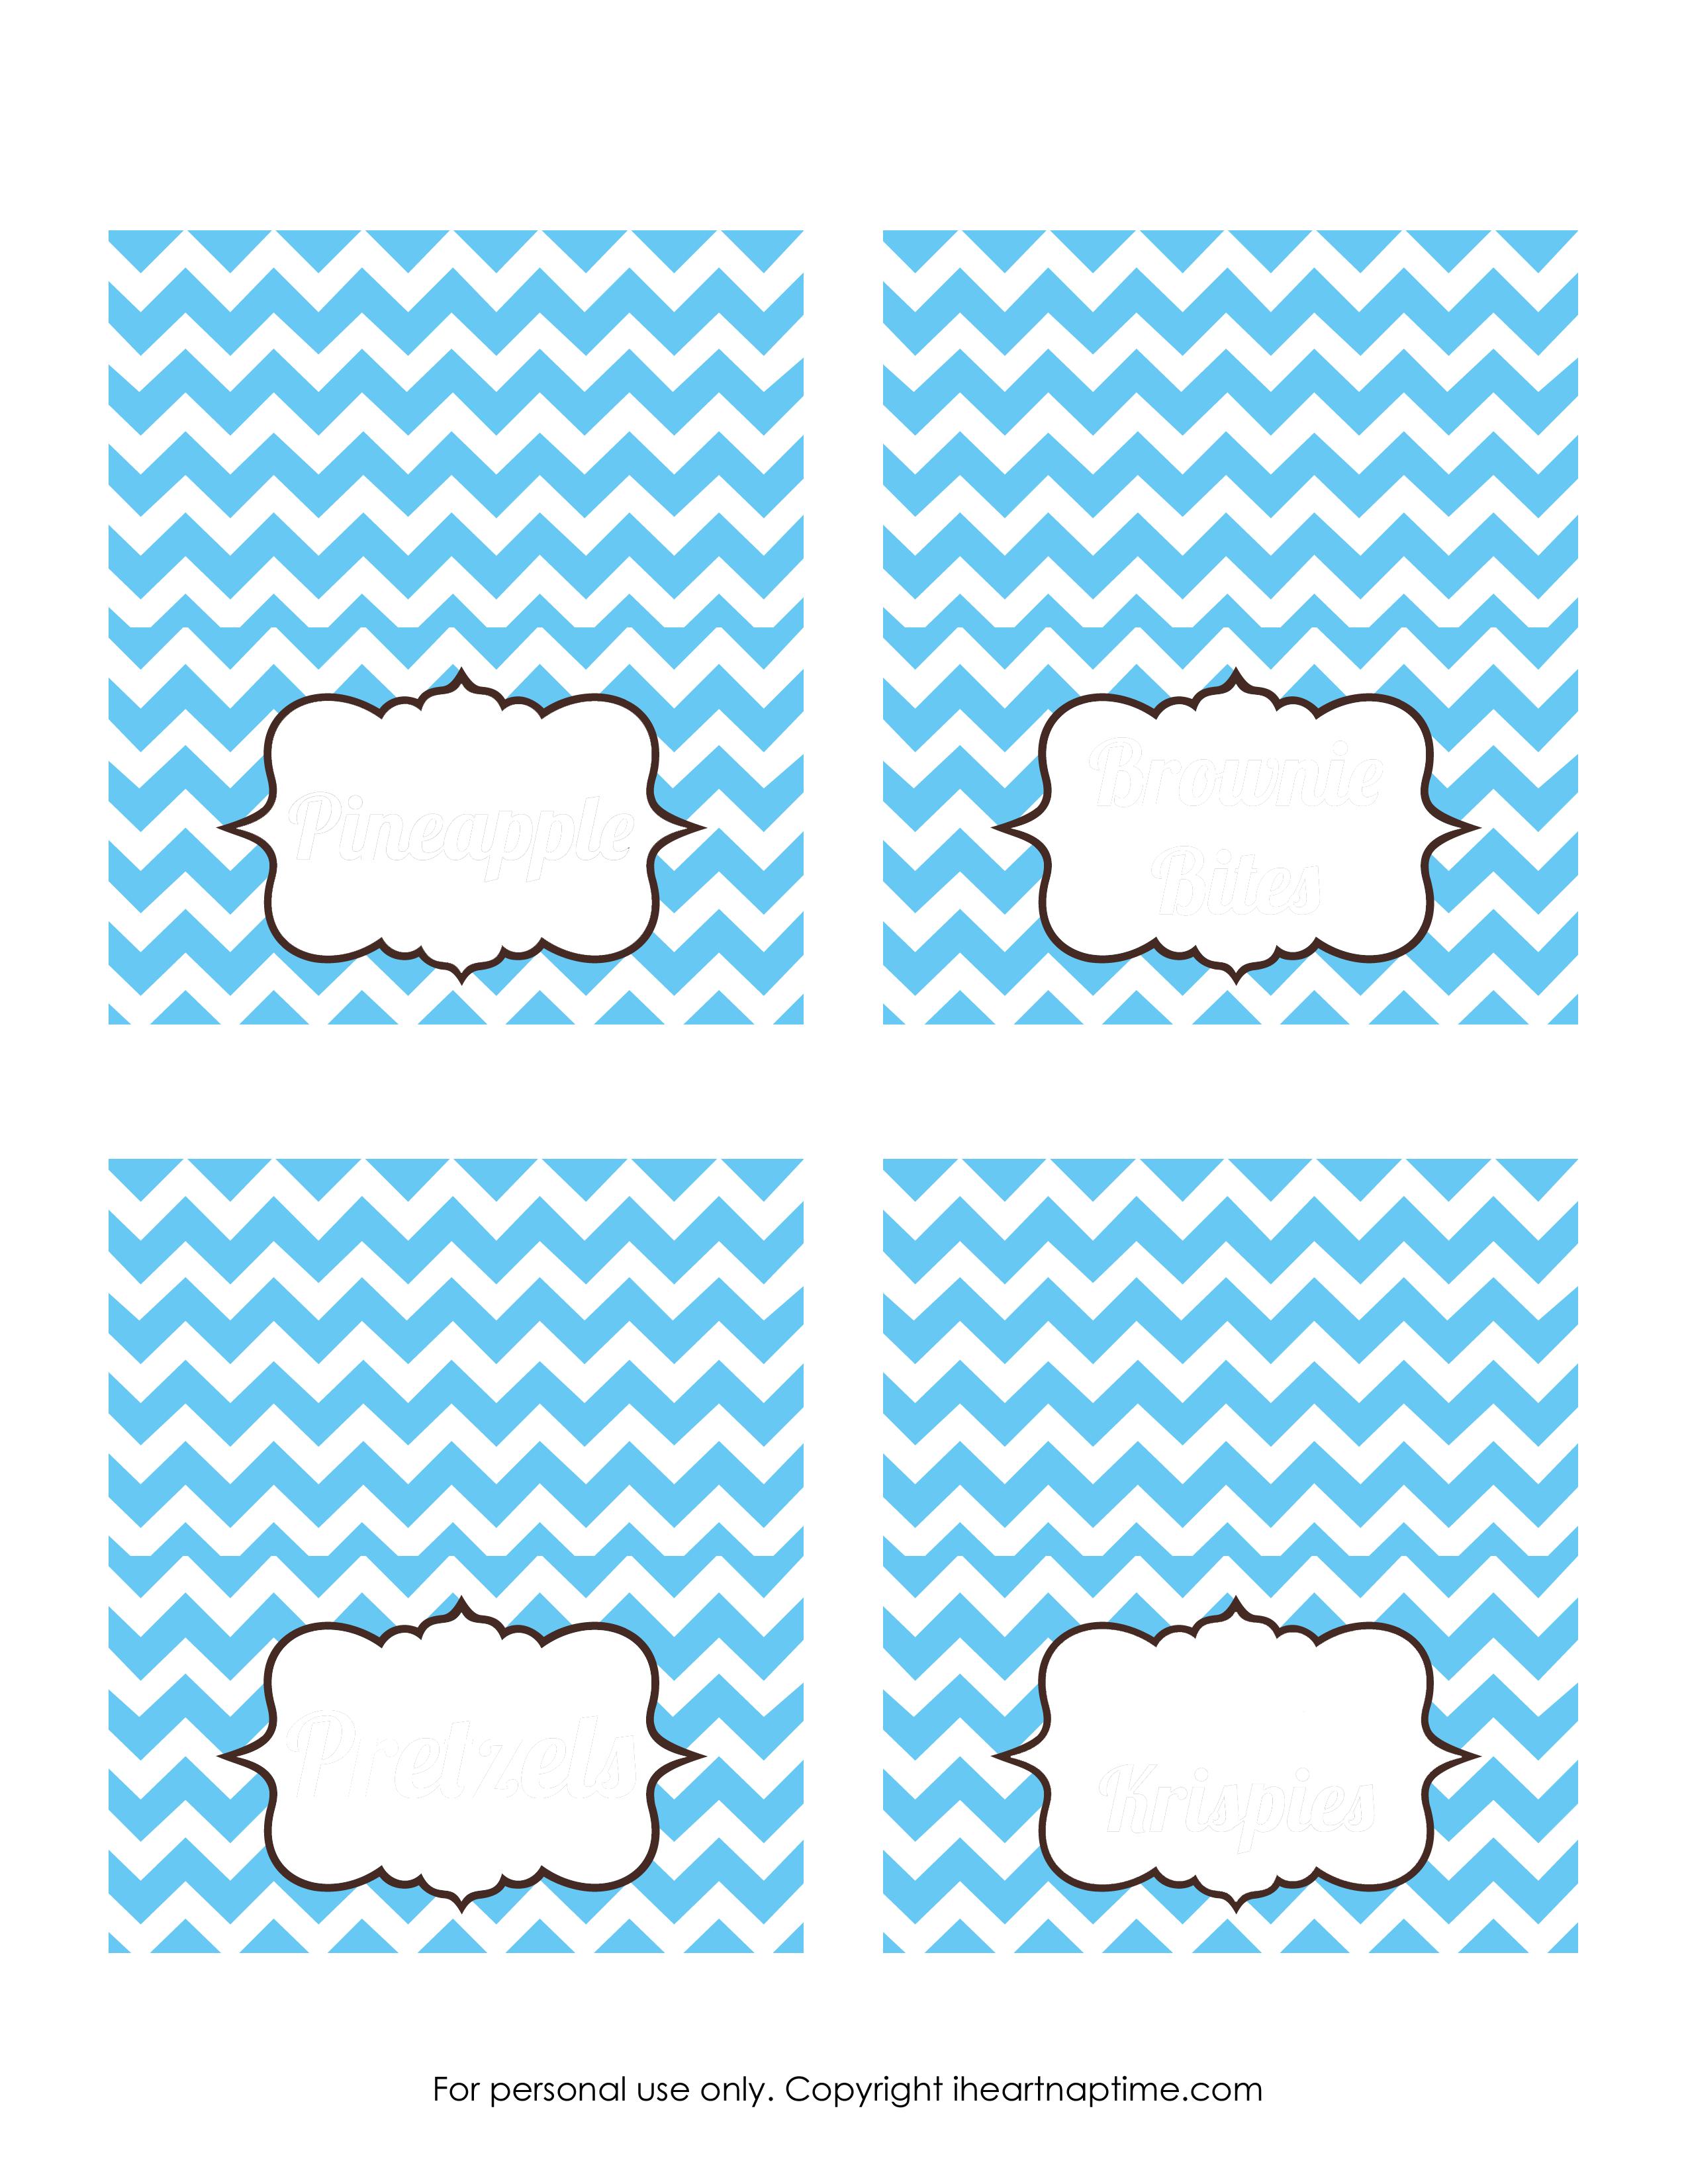 Dole-Food-Tents-page3-copy.png 2550×3300 pixels  sc 1 st  Pinterest & Dole-Food-Tents-page3-copy.png 2550×3300 pixels   Party ...